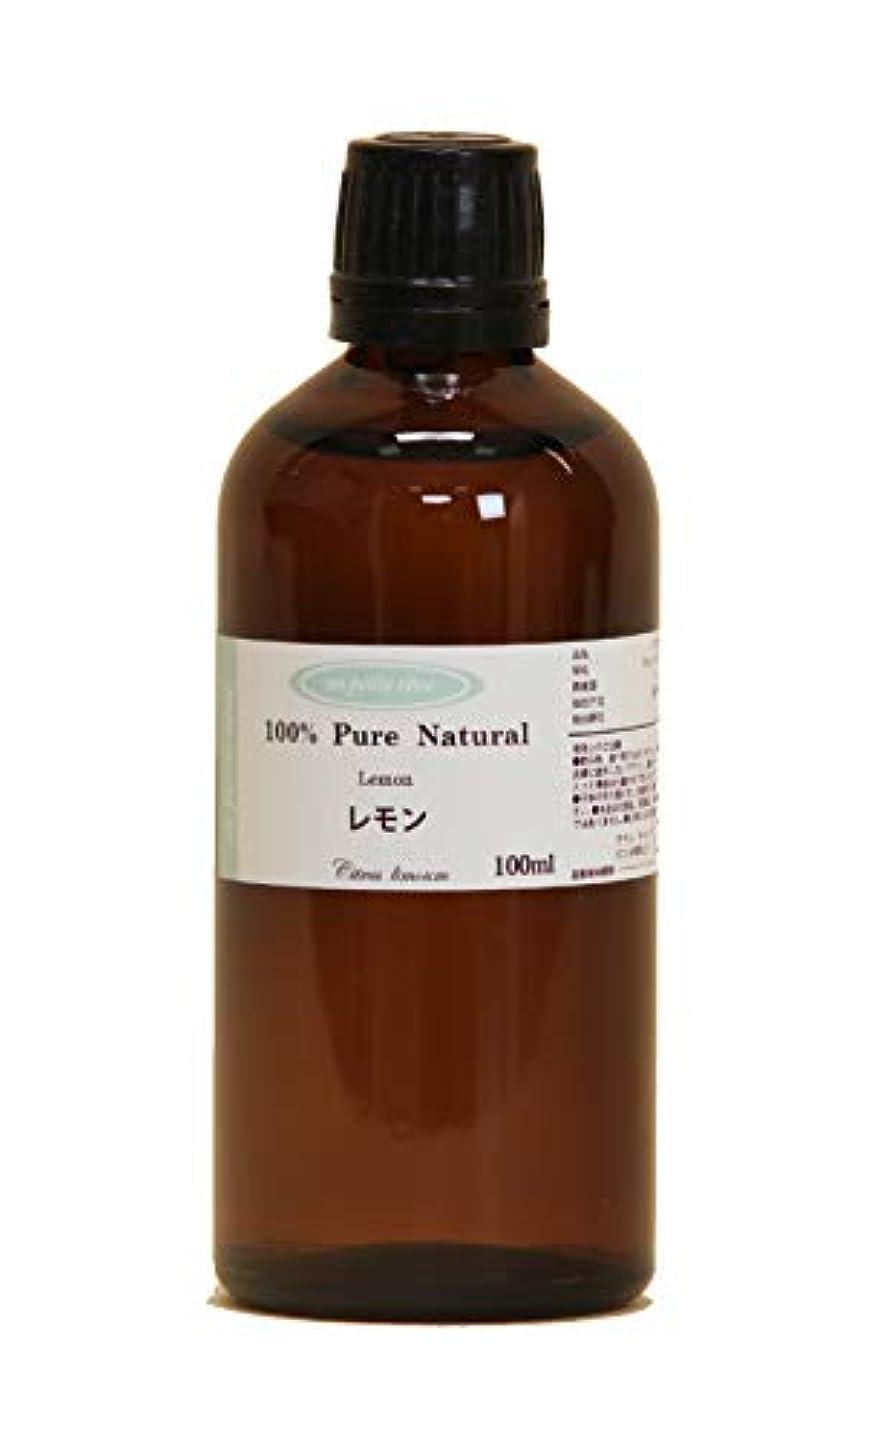 宿命ドレイン市場レモン 100ml 100%天然アロマエッセンシャルオイル(精油)